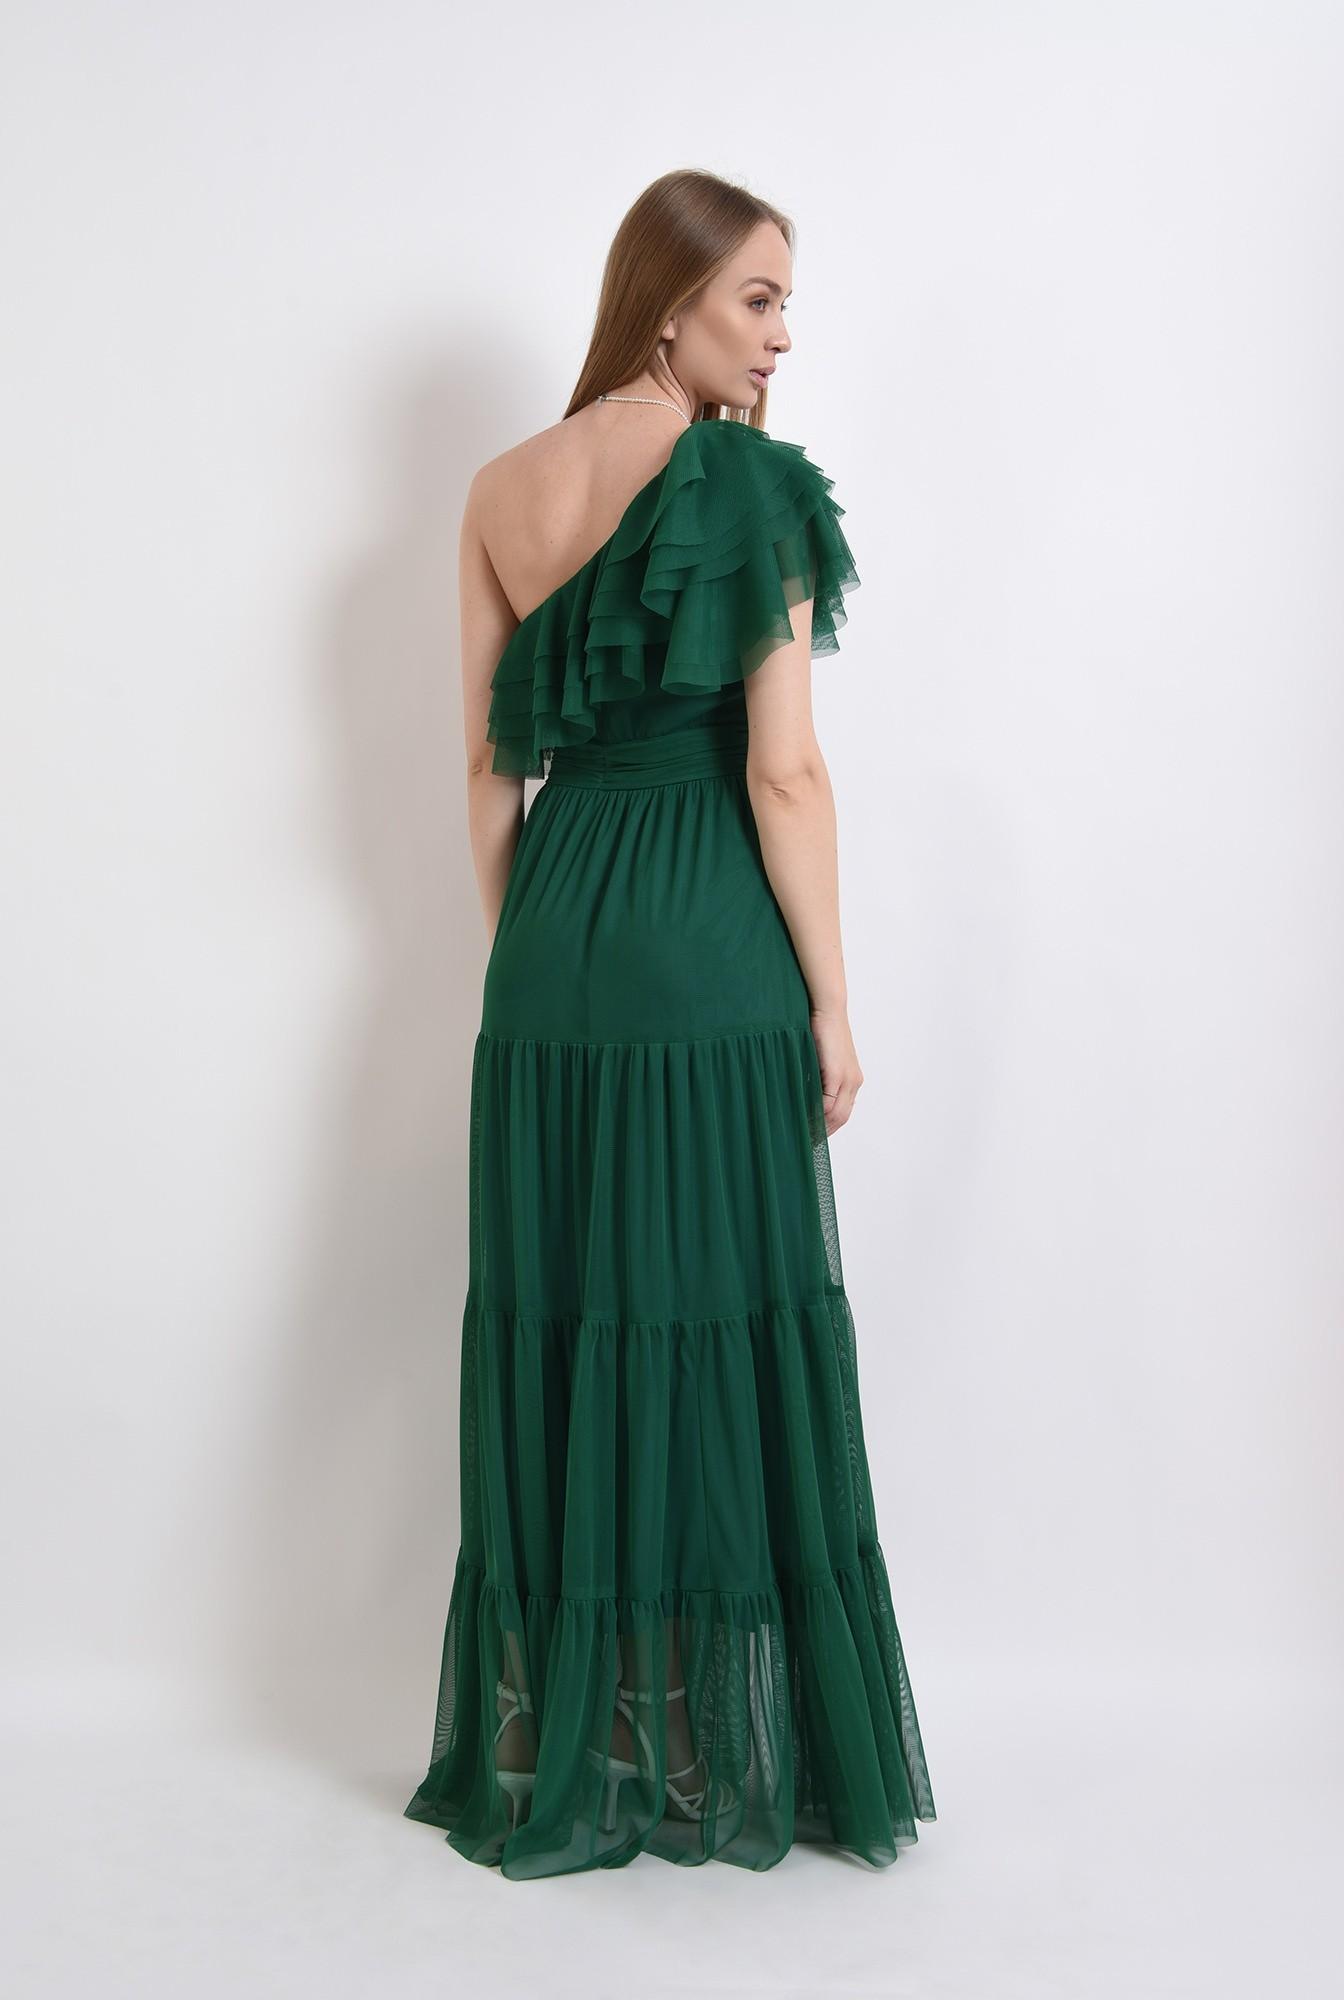 1 - rochie din tul, verde, cu decolteu asimetric